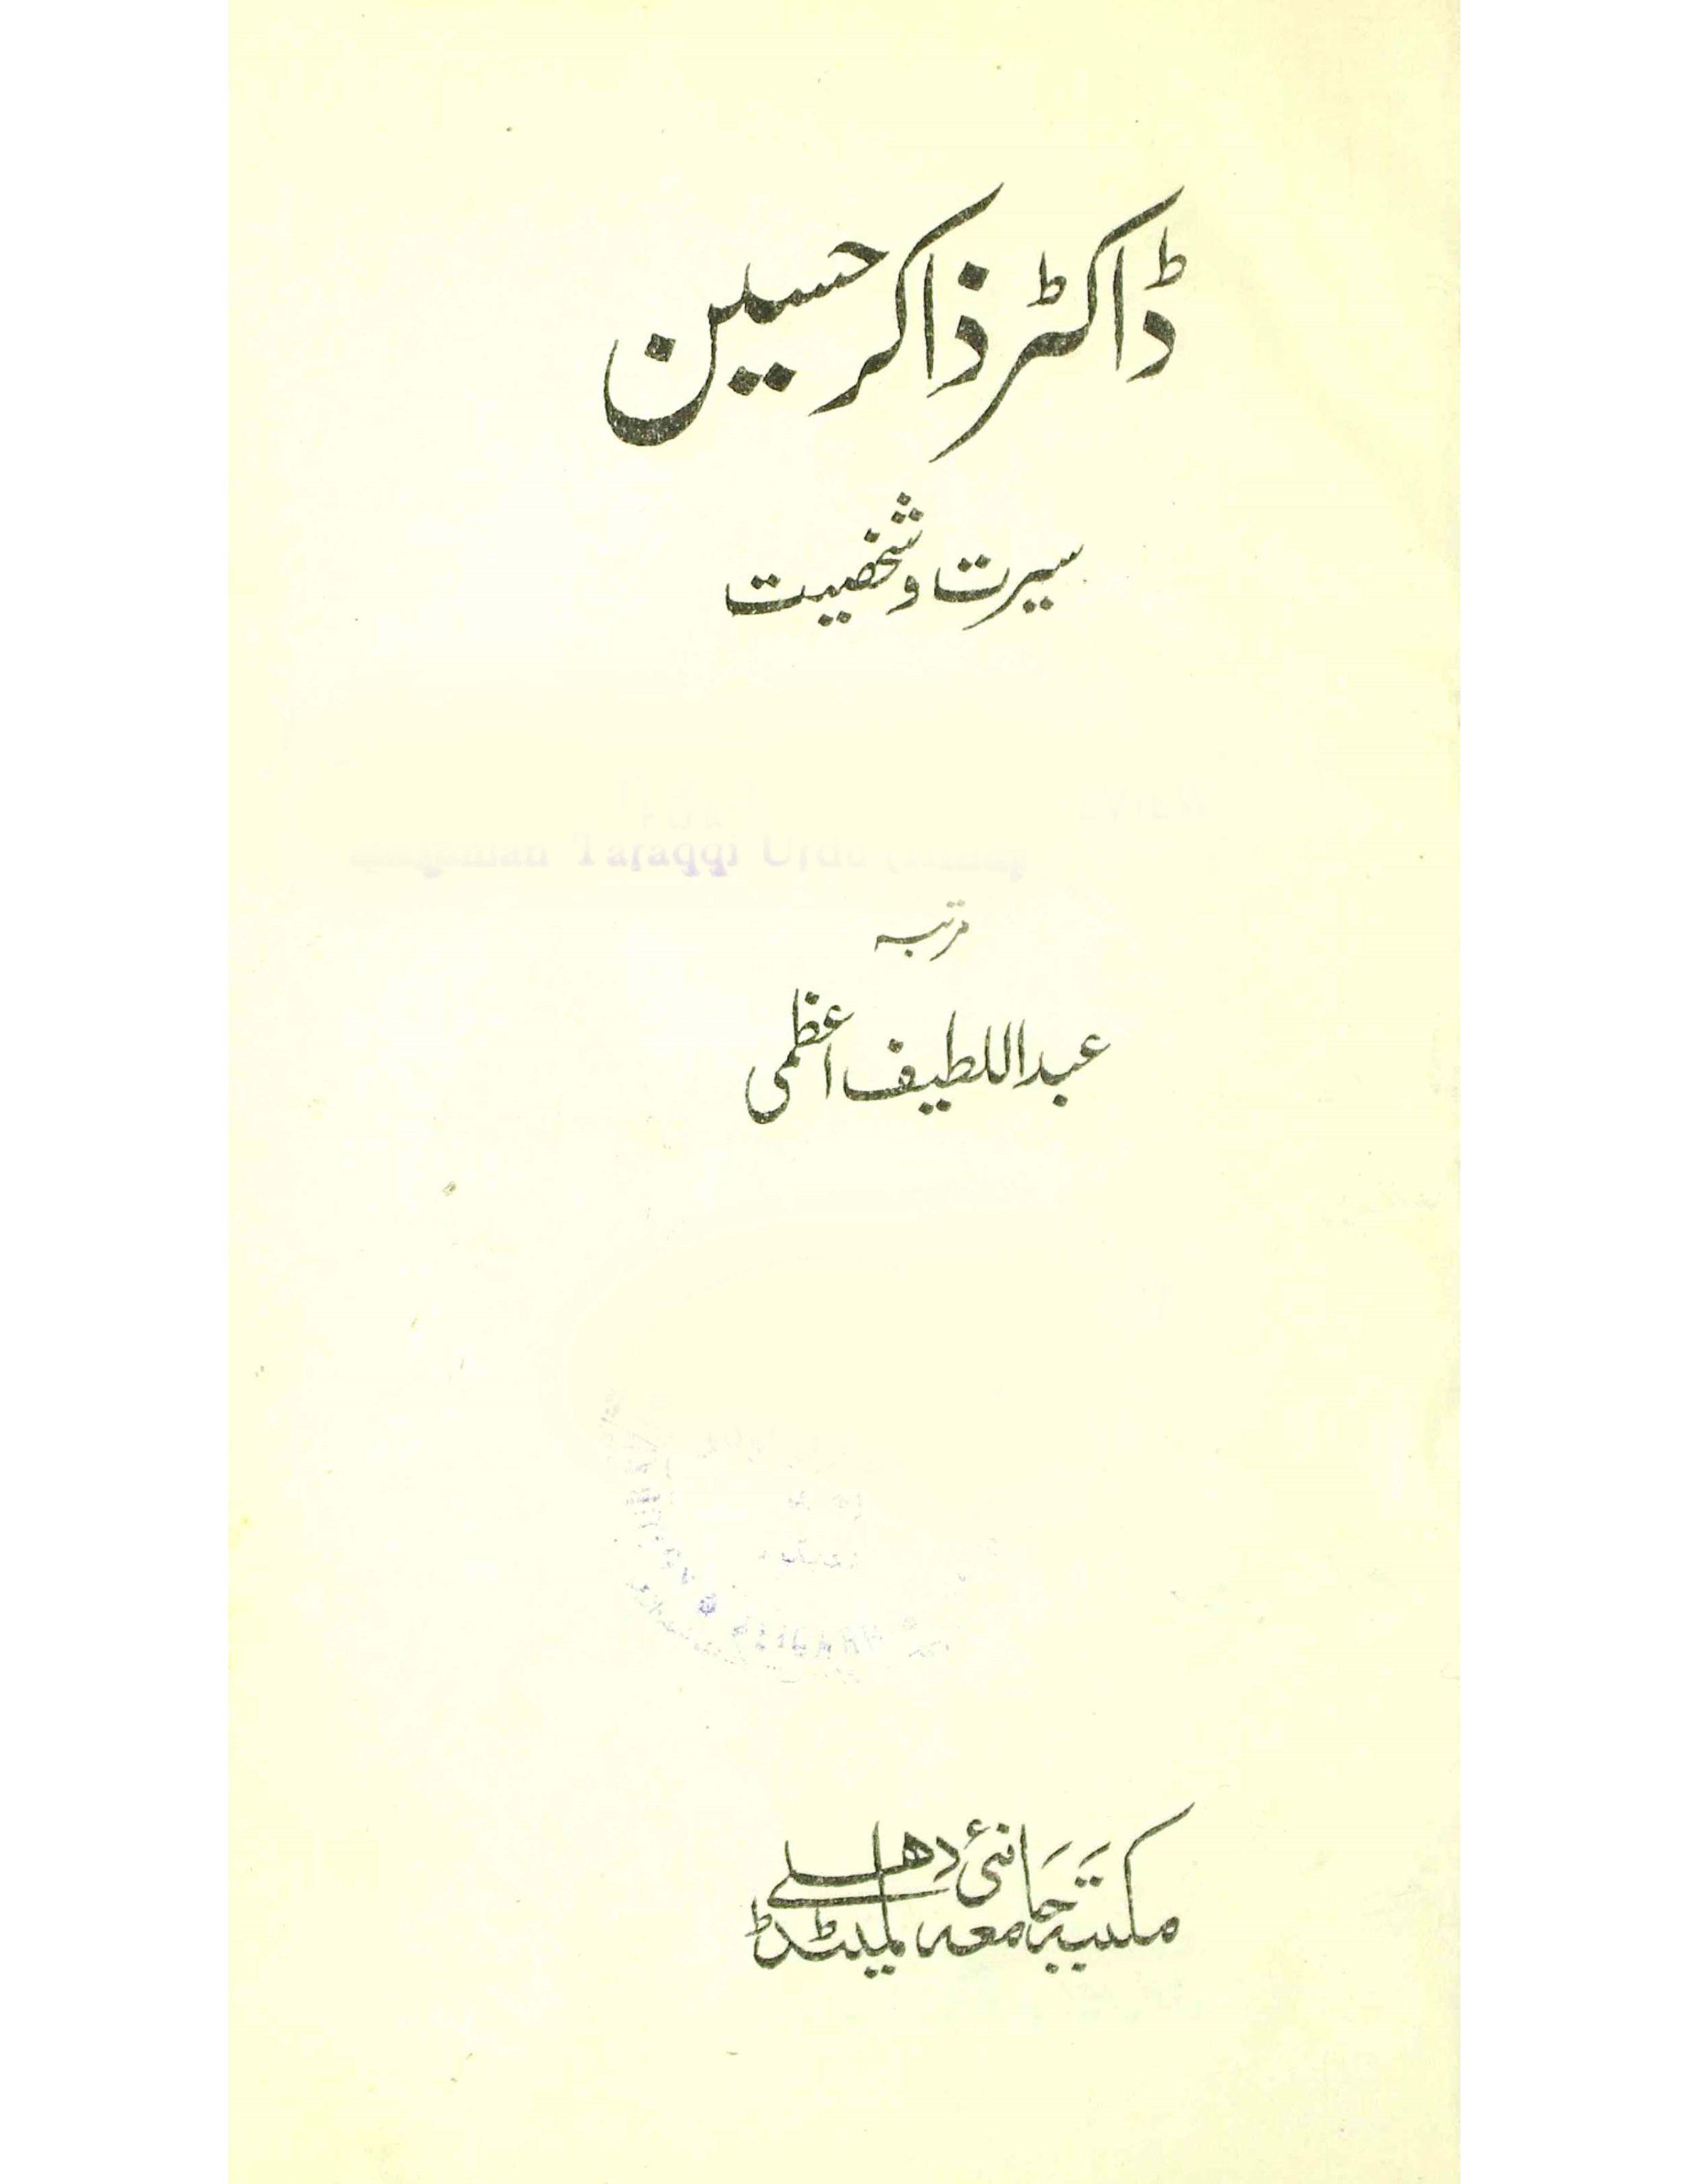 Dr. Zakir Husain : Seerat-o-Shakhsiyat